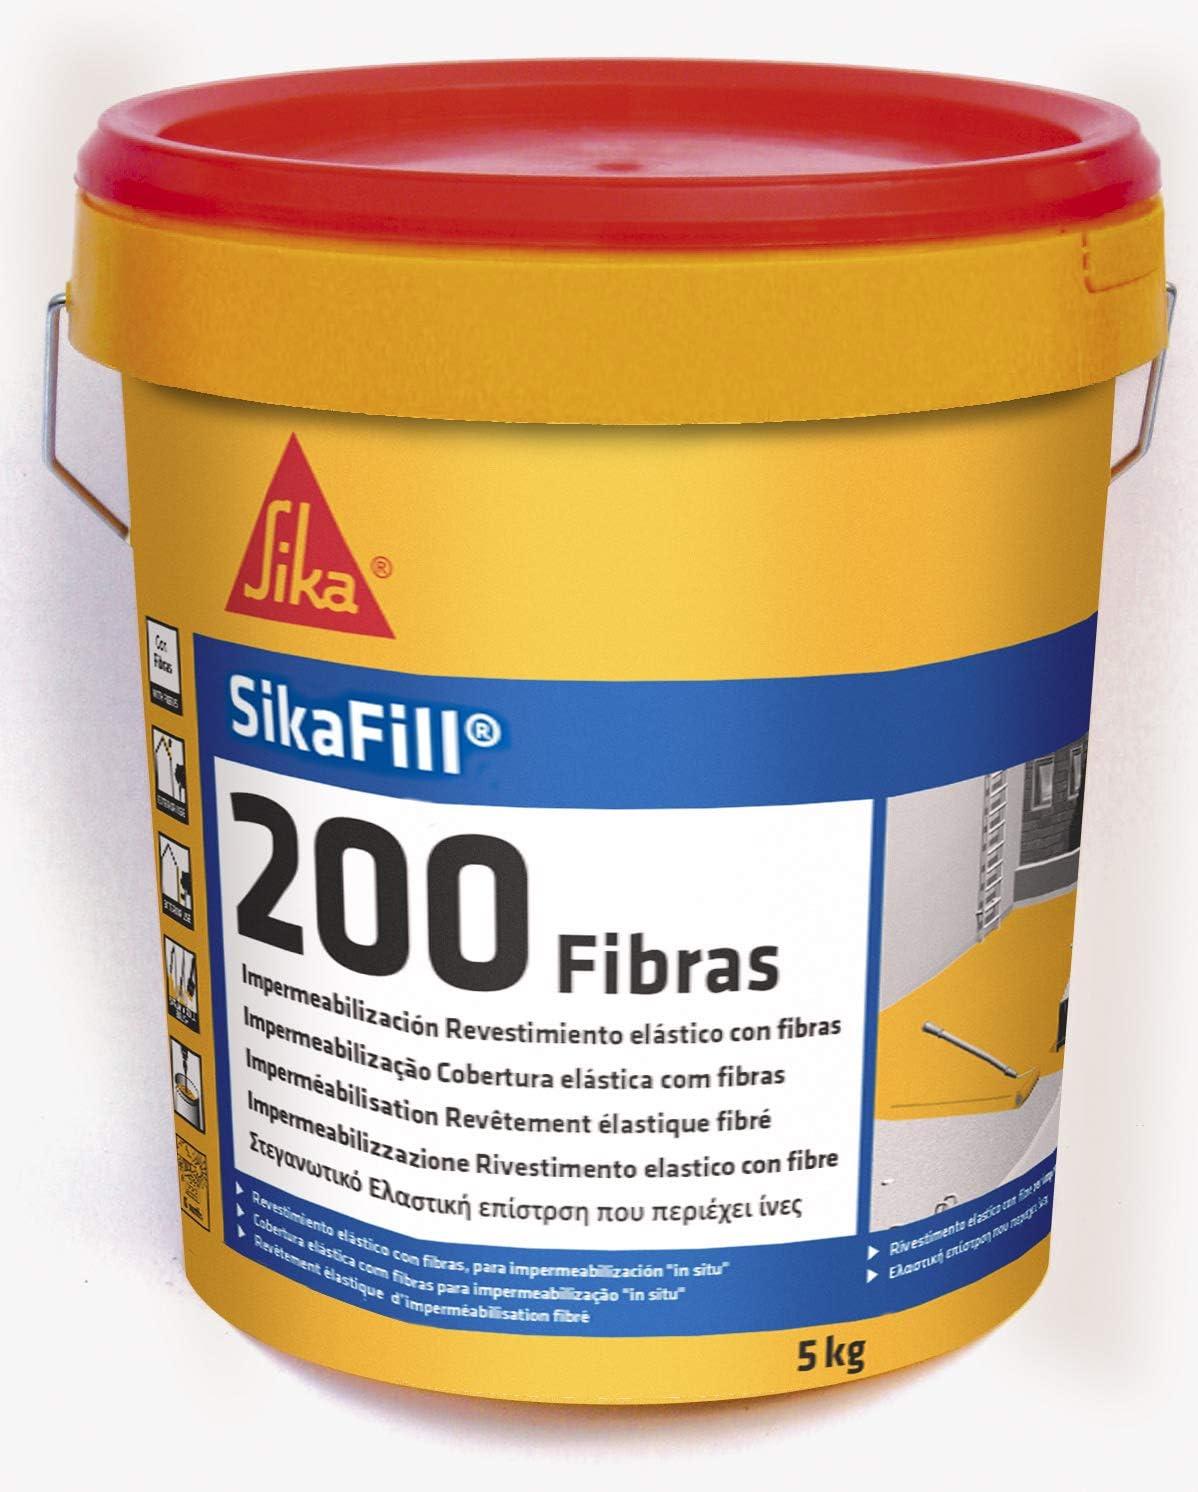 Sikafill-200 Fibras, Pintura elástica con fibras para ...